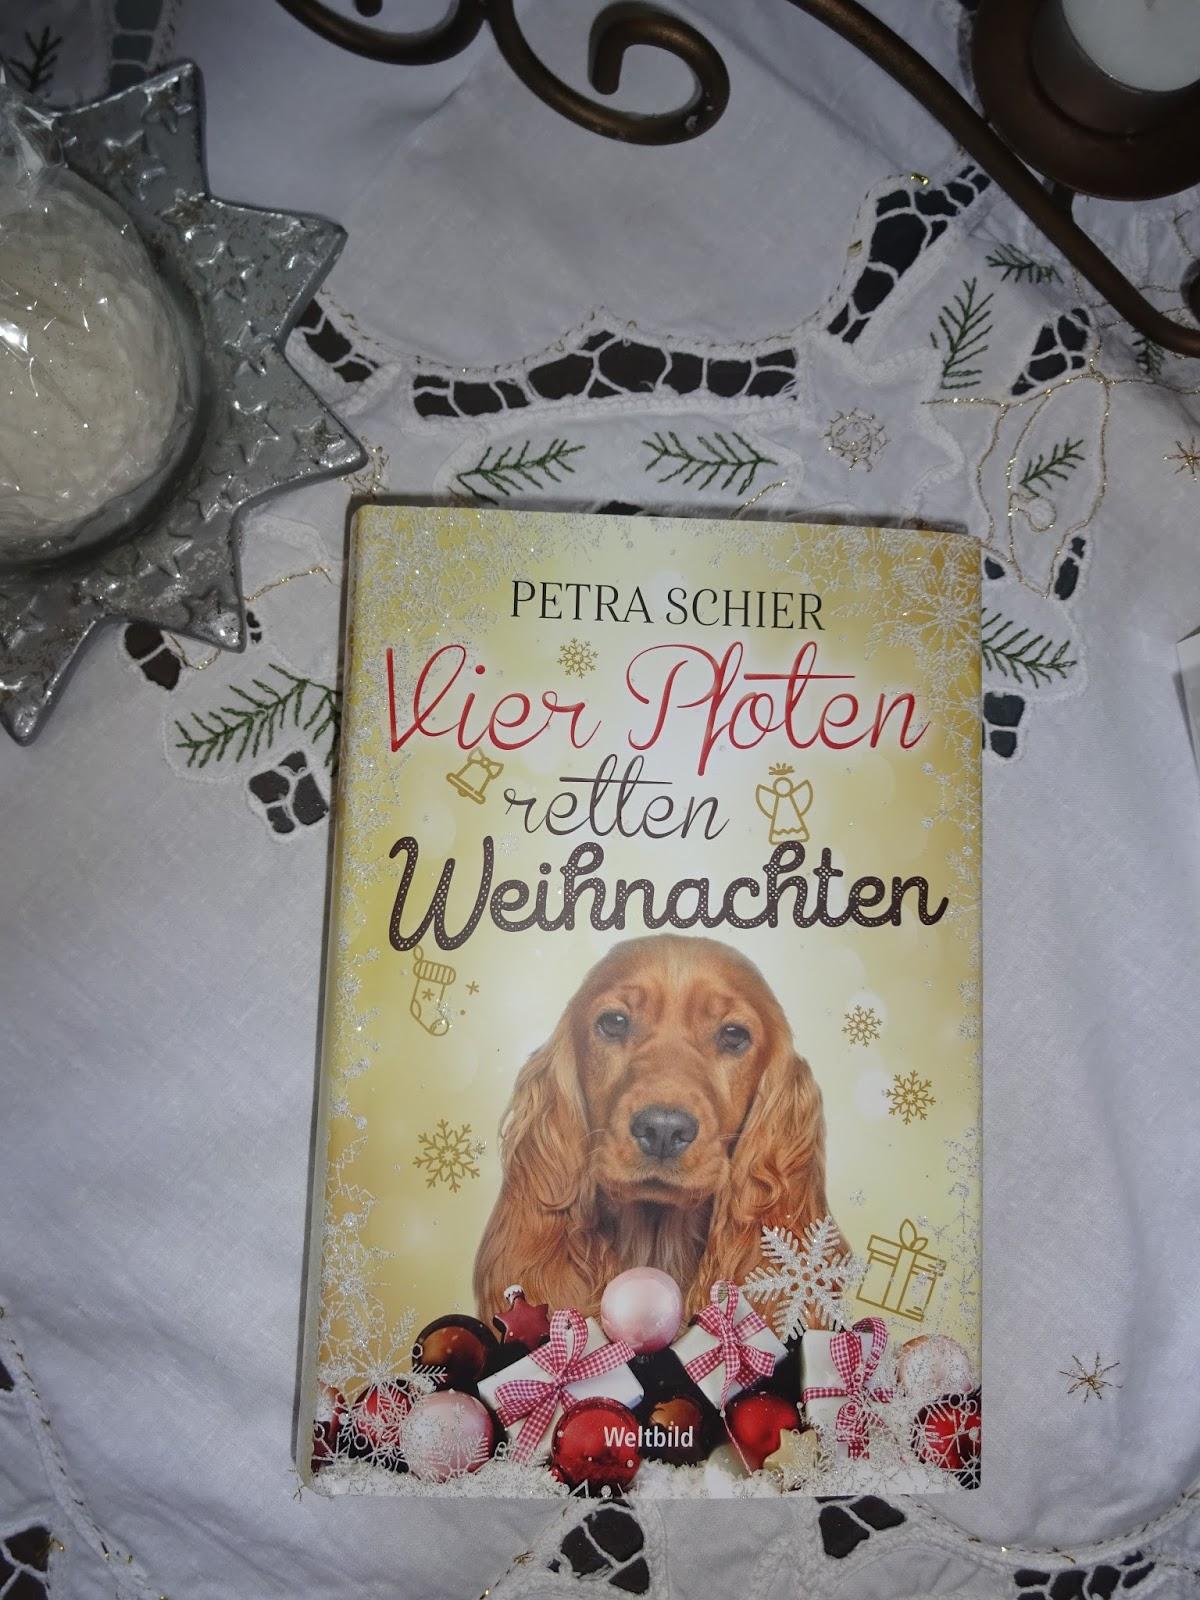 Sommerleses Bücherkiste: Vier Pfoten retten Weihnachten - Petra Schier